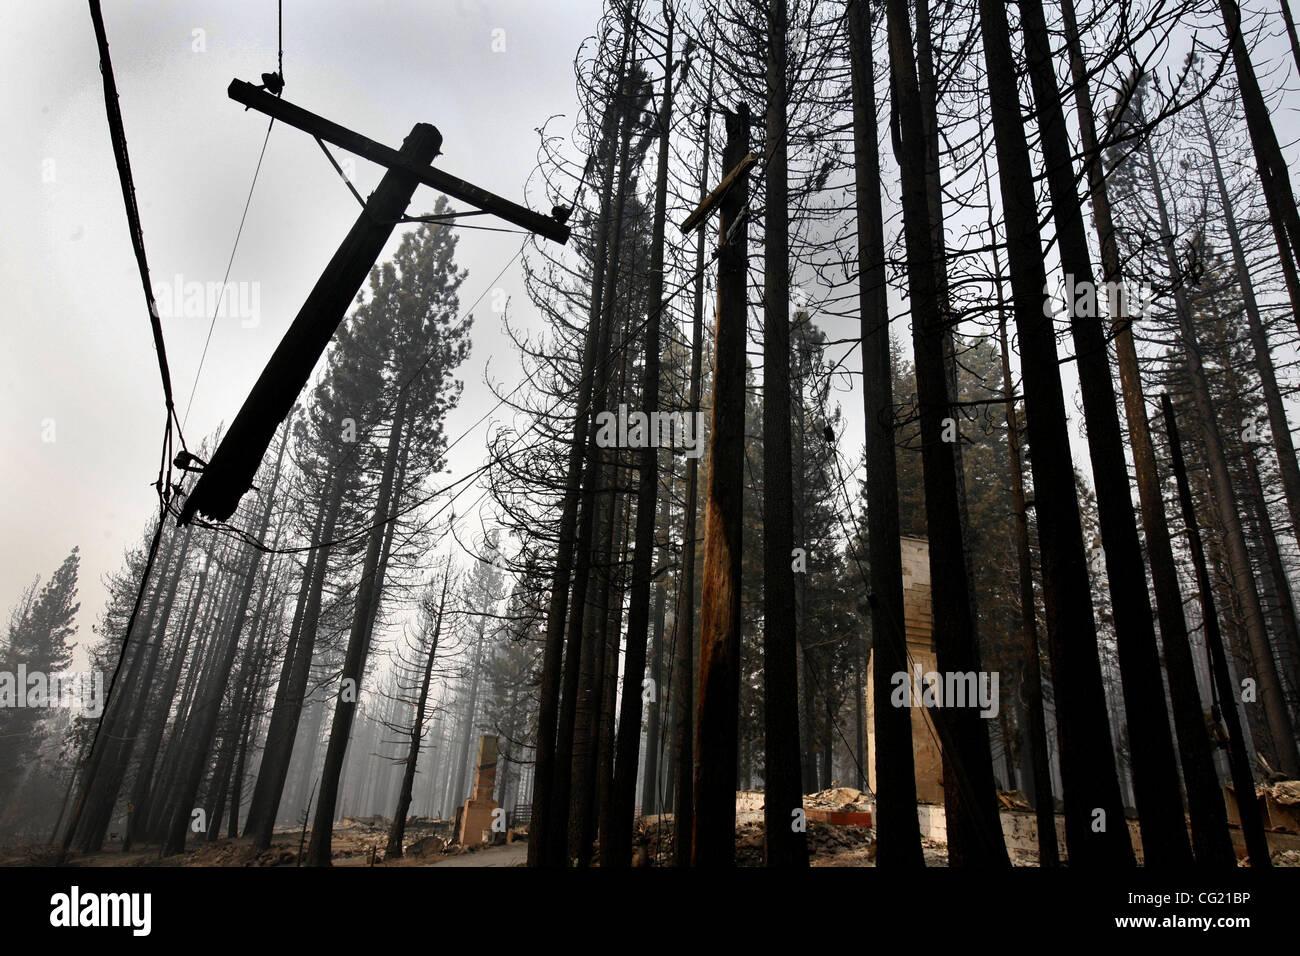 ONLINE-Beschriftung, die eine gefallene Stromleitung auffällig in der Nähe ein verbranntes Haus ausgesetzt ist. Sacramento Bee/Bryan Patrick eine gefallene Stromleitung auffällig in der Nähe ein verbranntes Haus ausgesetzt ist. Dienstag, 26. Juni 2007. Sacramento Bee/Bryan Patrick Tahoe Angora Feuer Stockfoto